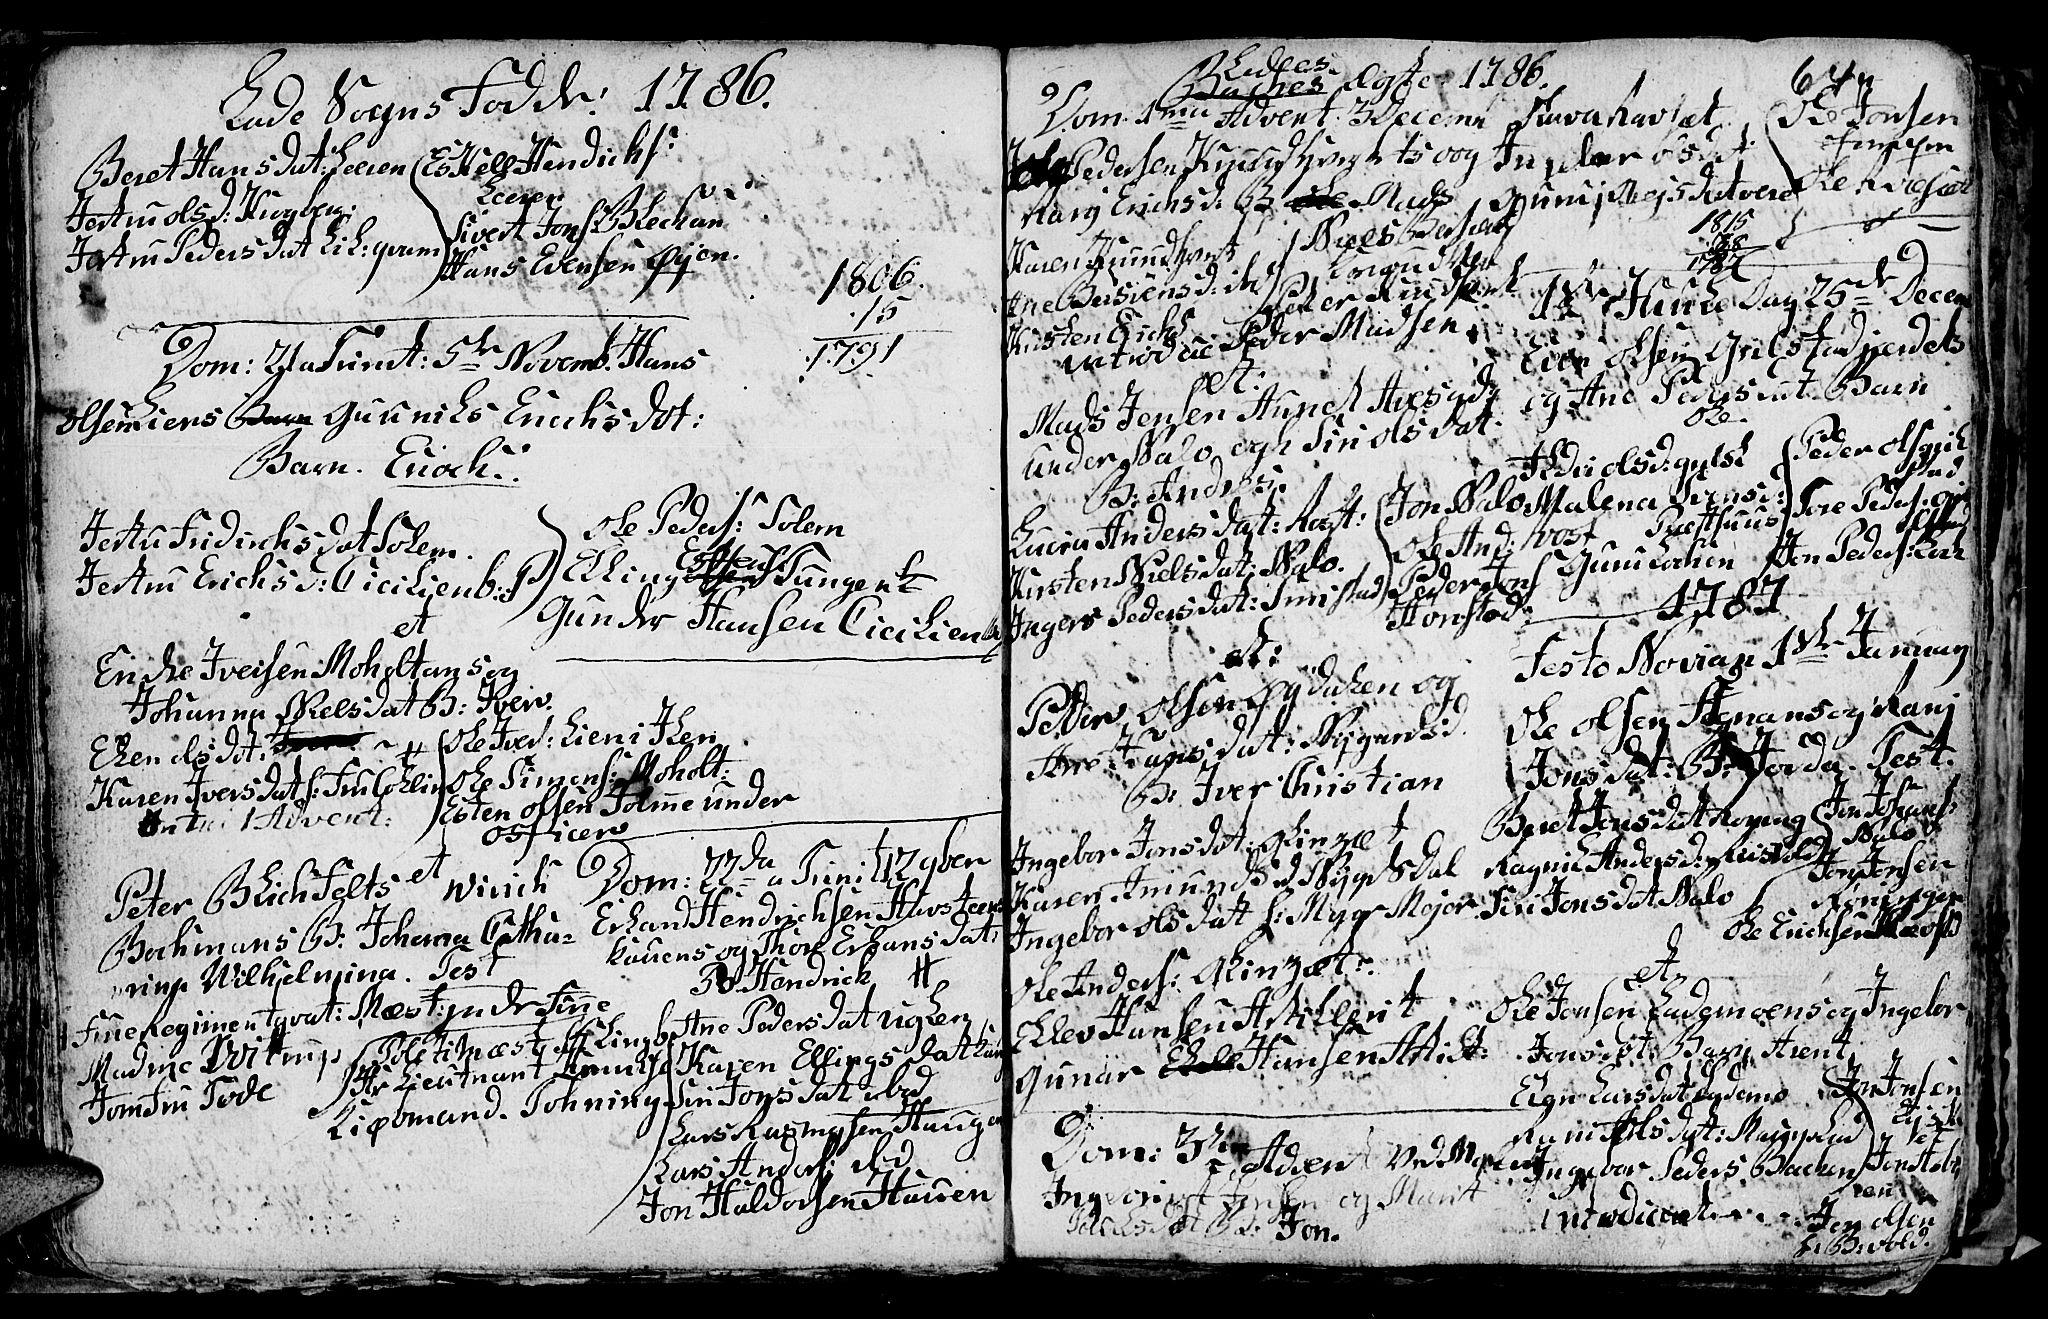 SAT, Ministerialprotokoller, klokkerbøker og fødselsregistre - Sør-Trøndelag, 606/L0305: Klokkerbok nr. 606C01, 1757-1819, s. 64